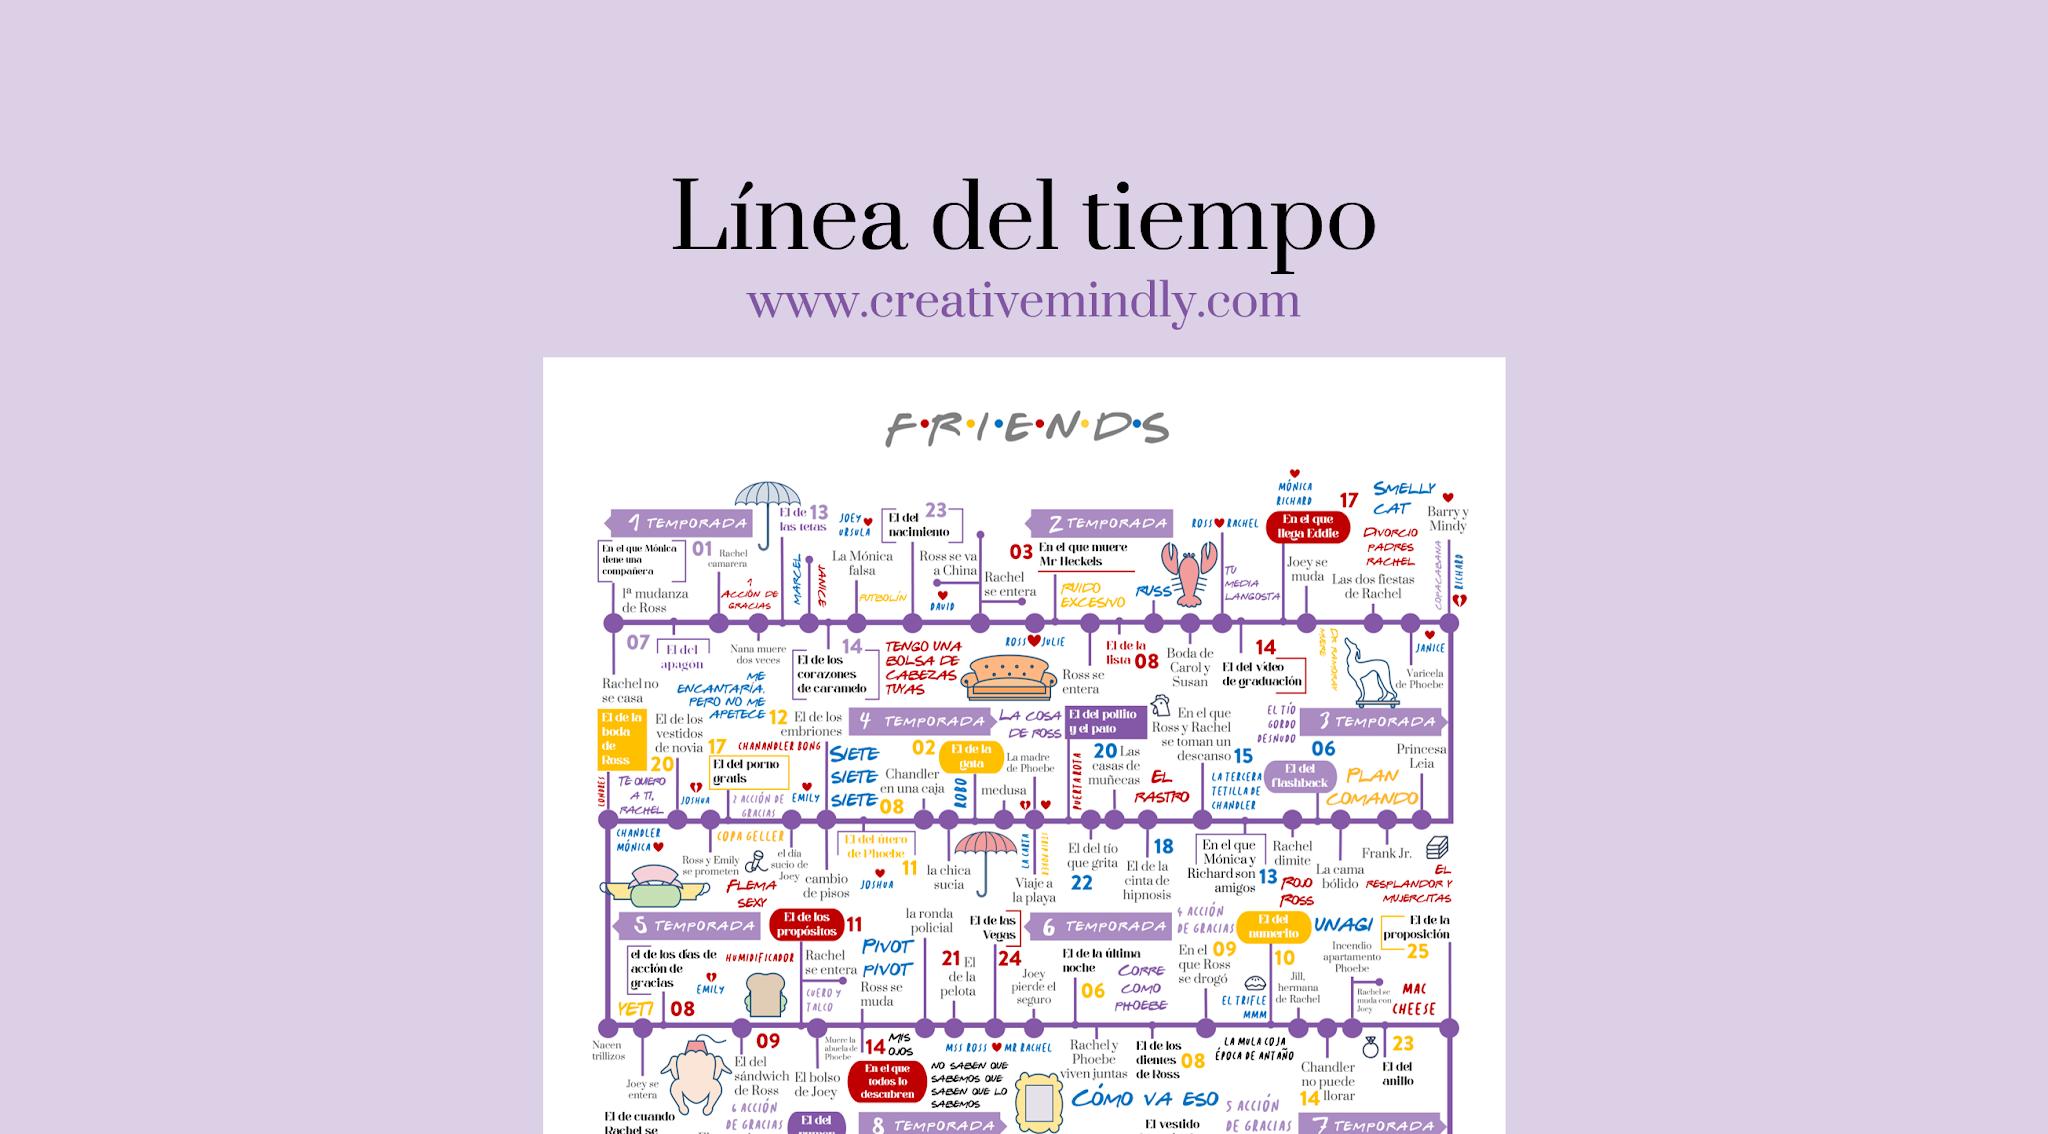 linea tiempo friends timeline